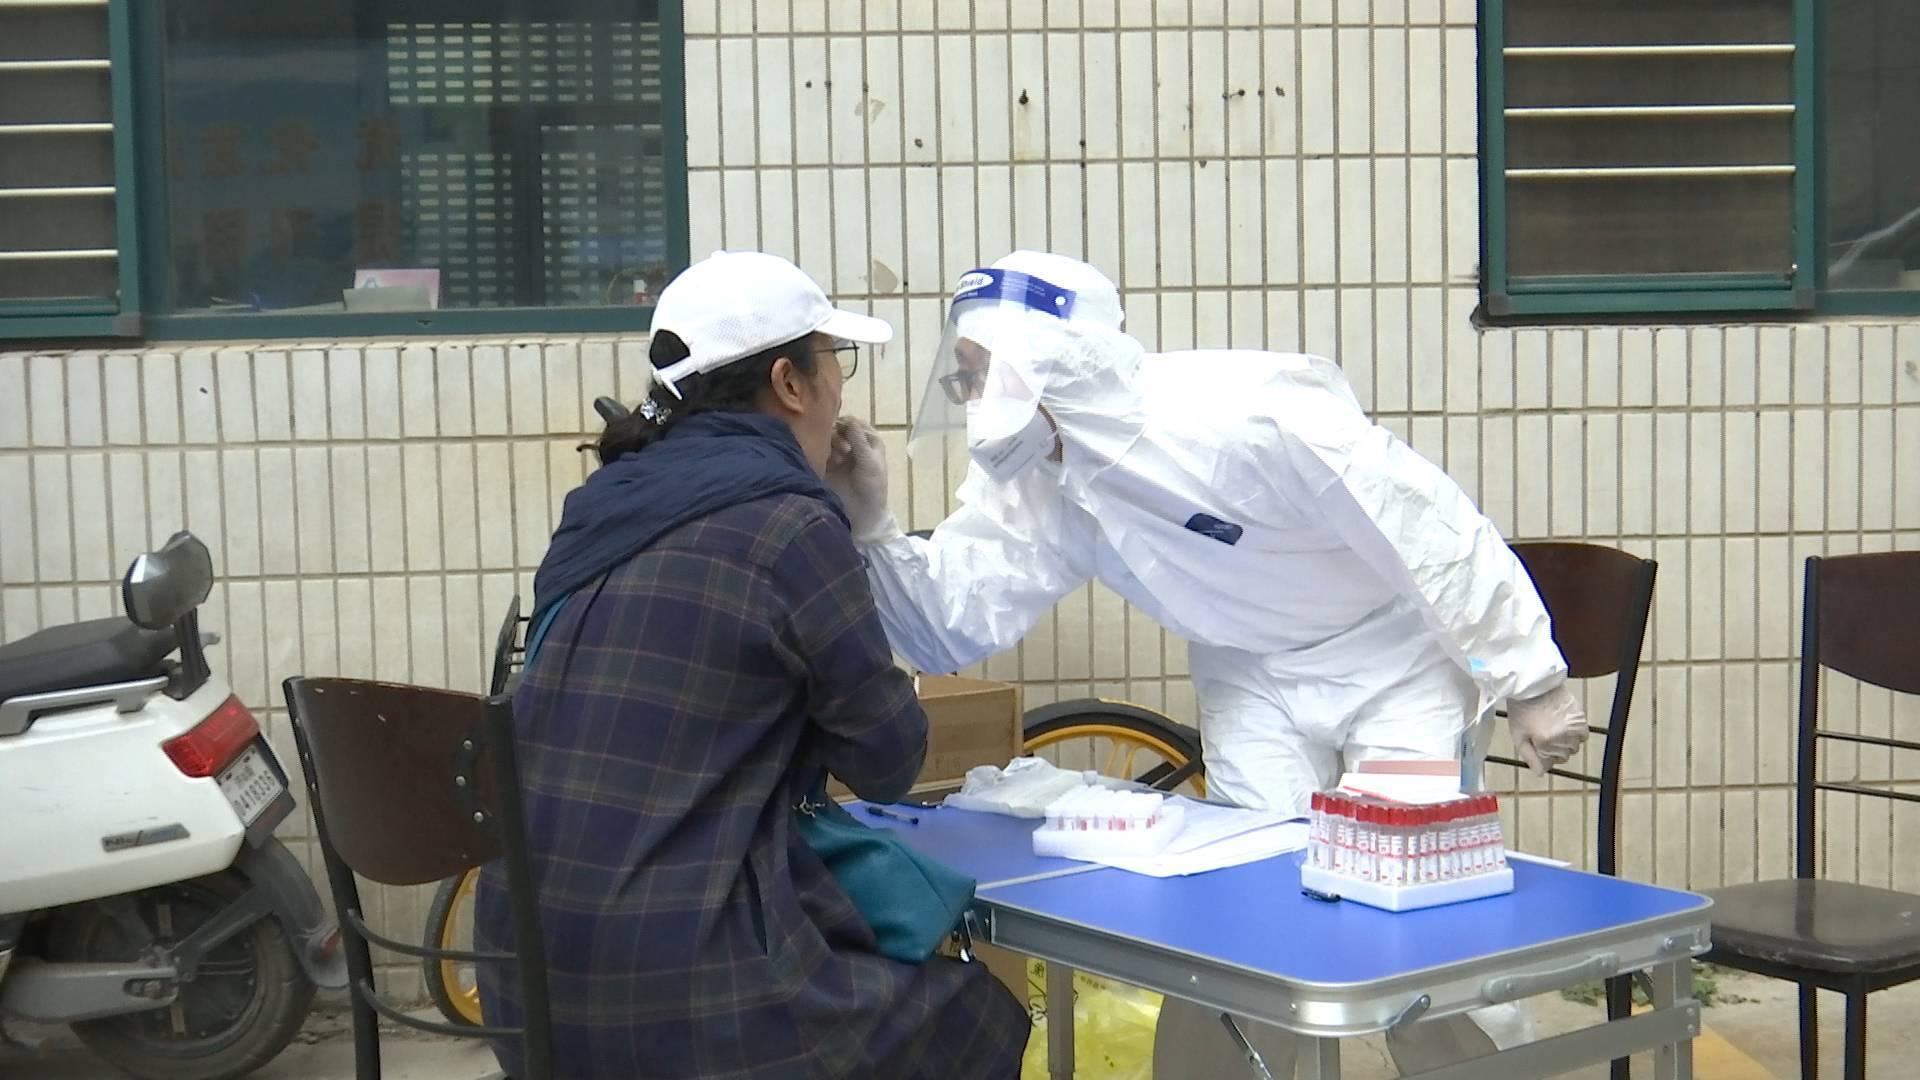 济南十六里河街道办事处采集点秩序井然,截至15点今天已完成核酸检测529人次